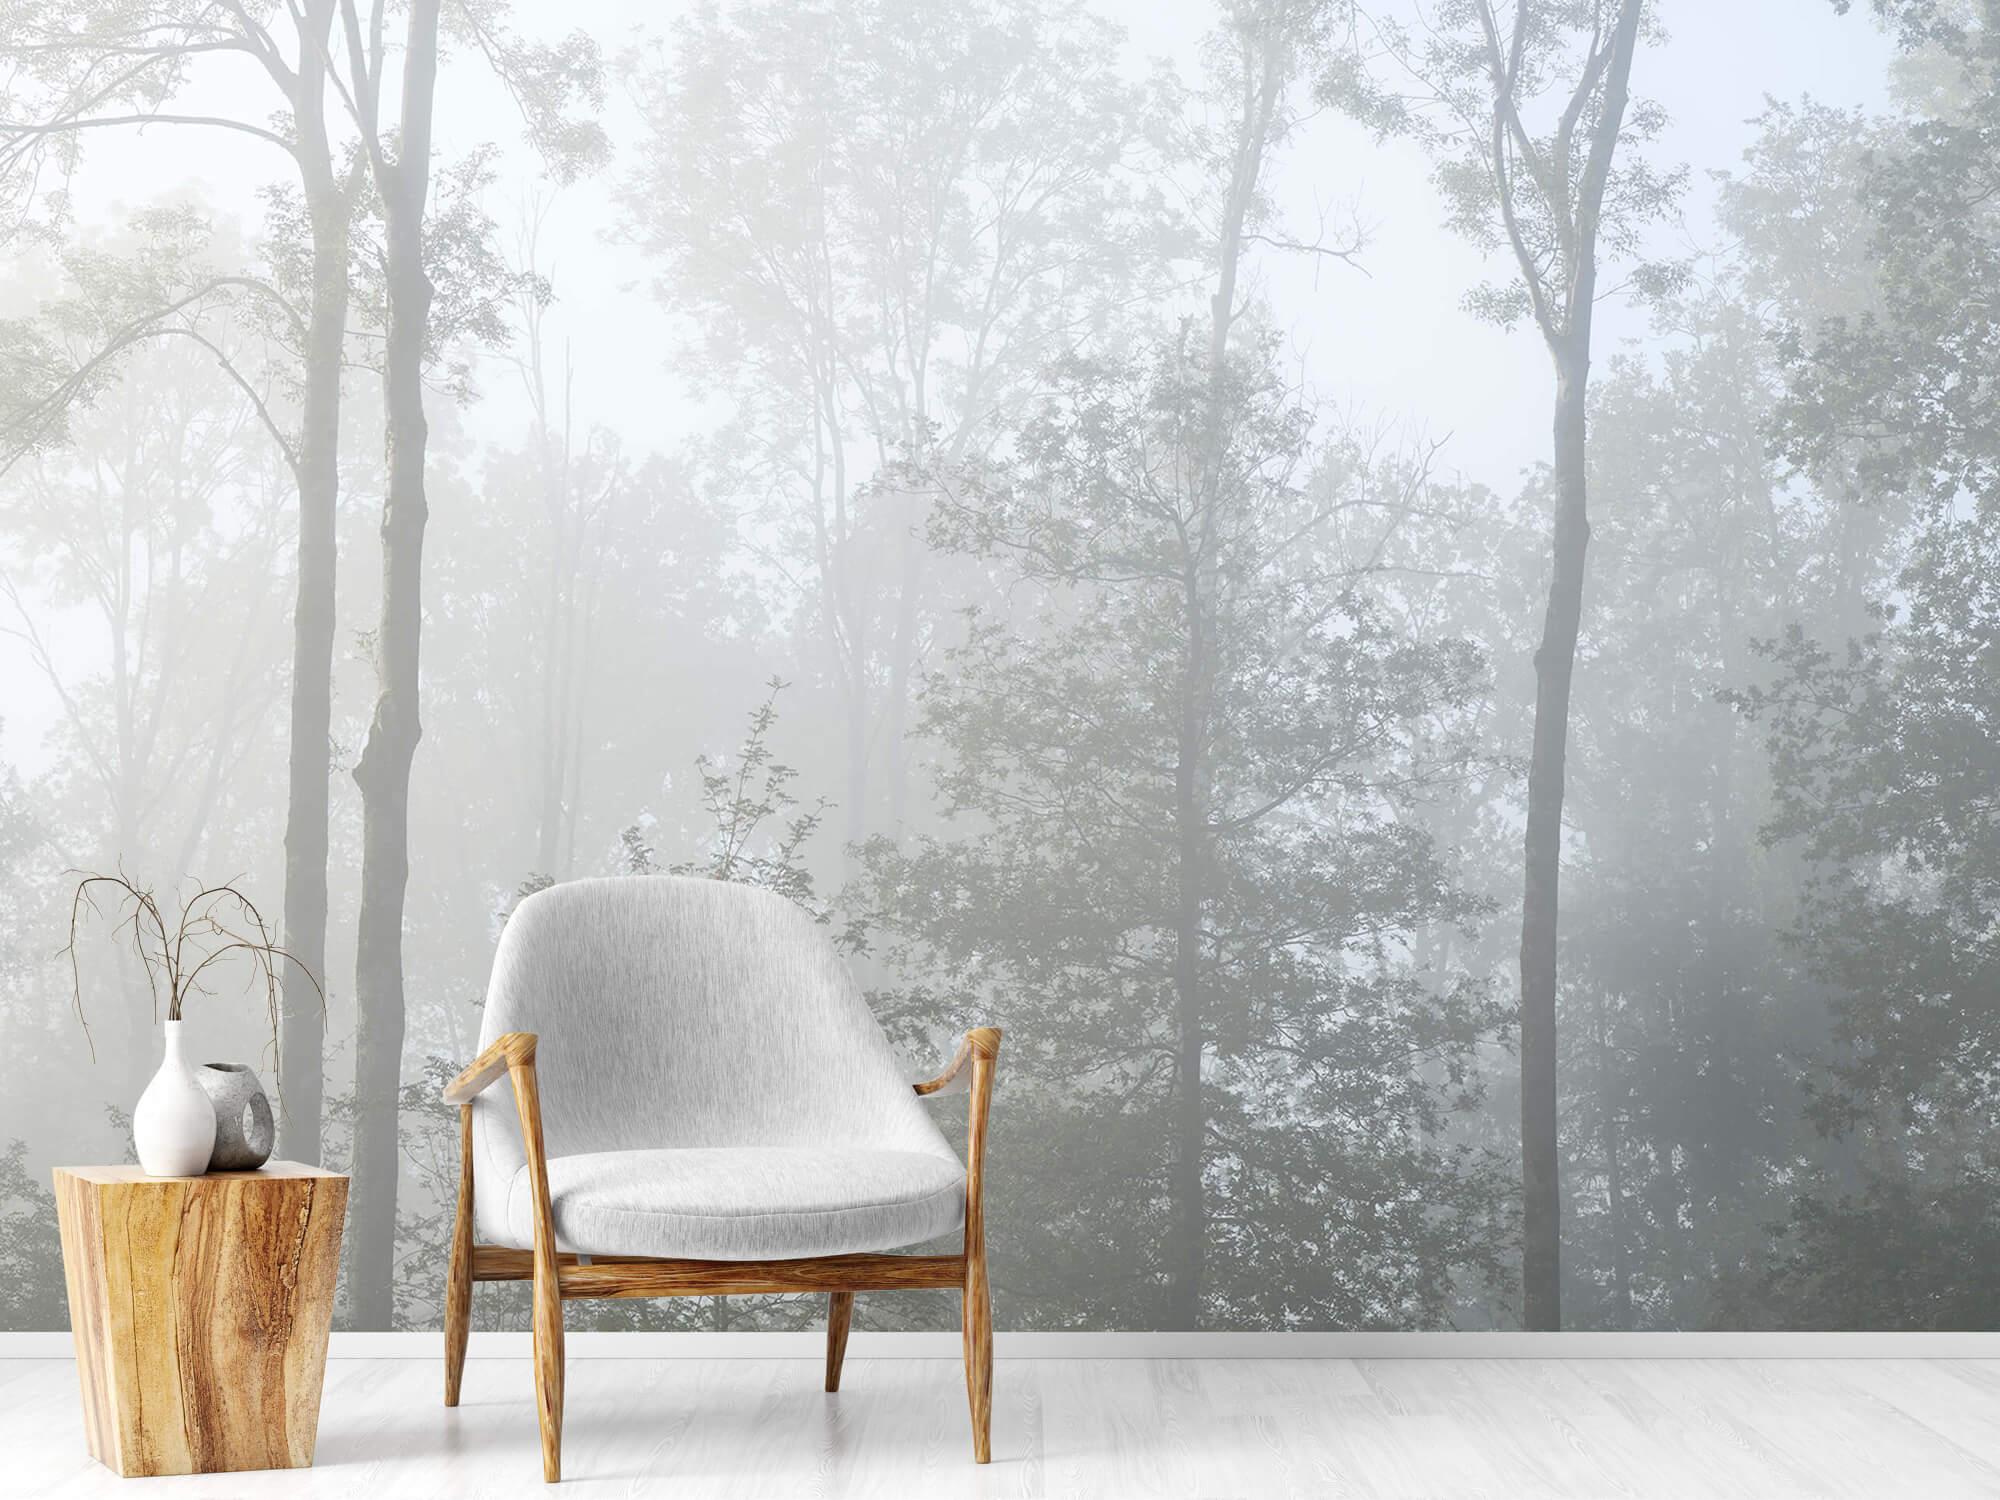 Bos behang Dichte mist in het bos 18